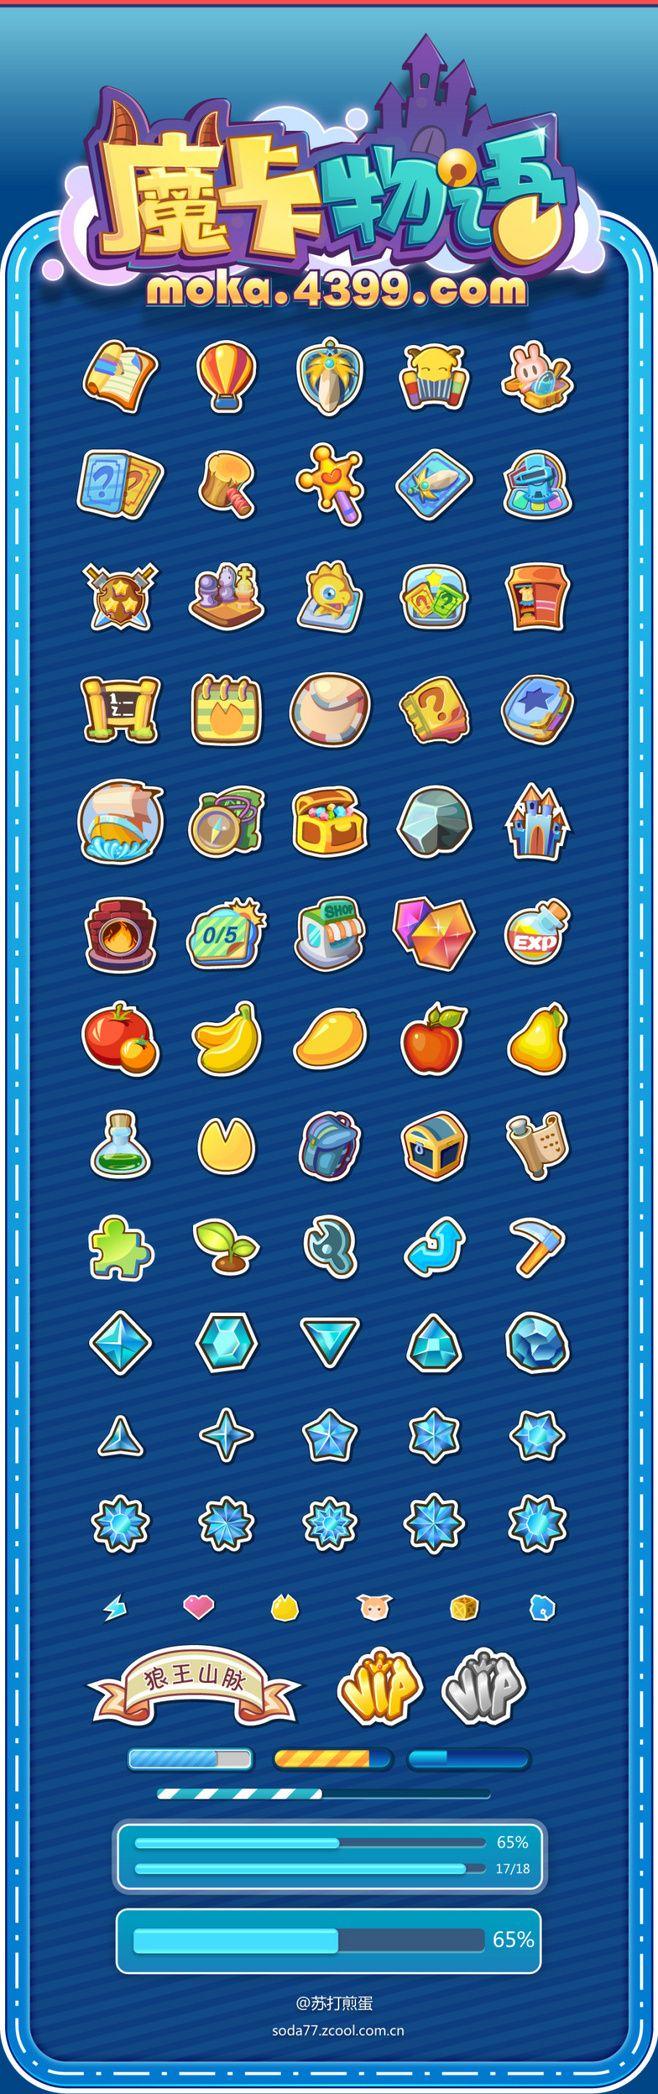 4399魔卡物语游戏图标游戏logo-游...@兔丸子采集到☂ Icon.游戏Q(175图)_花瓣UI 交互设计